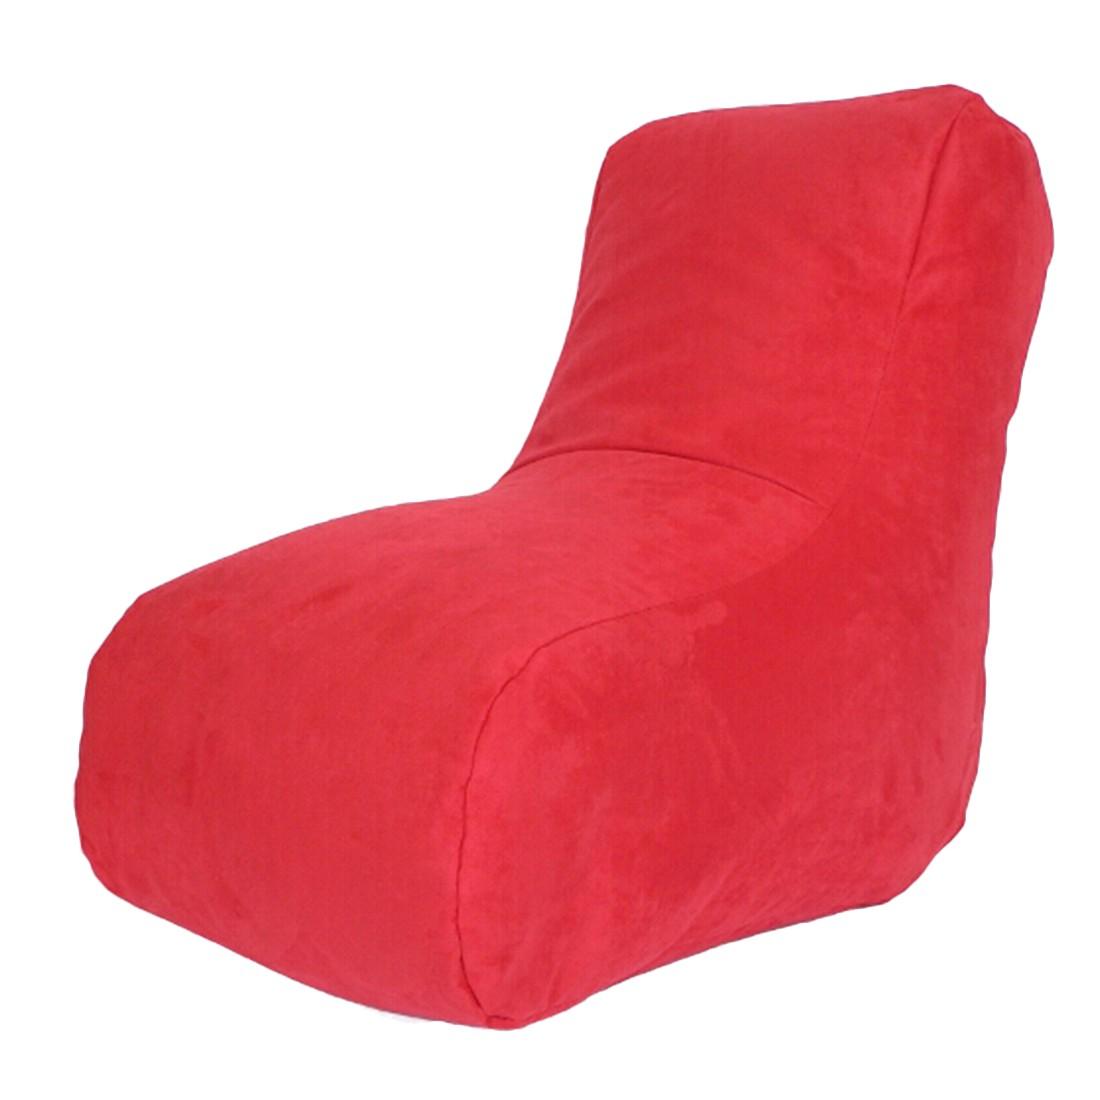 Sitzbanane Alka Rot – 80 x 60 cm, KC-Handel günstig kaufen